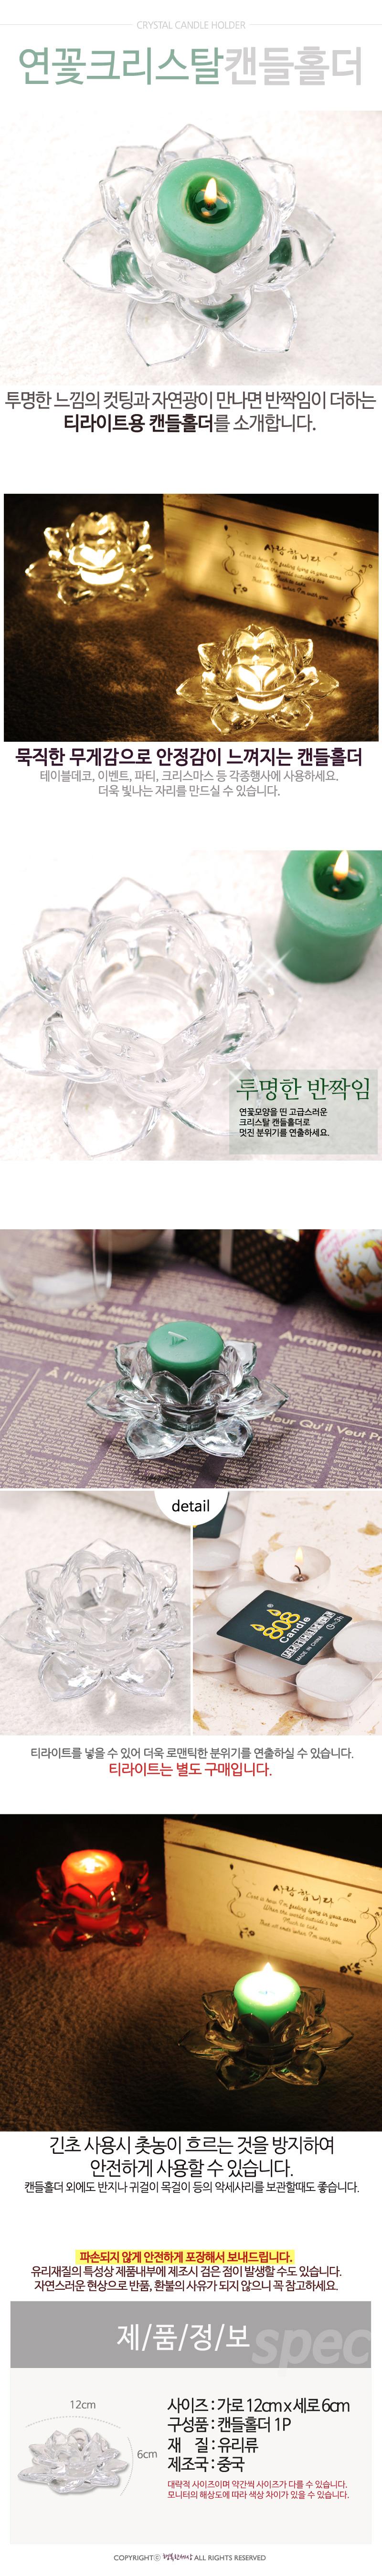 연꽃크리스탈캔들홀더 - 행복한세상, 5,500원, 장식품, 크리스마스소품